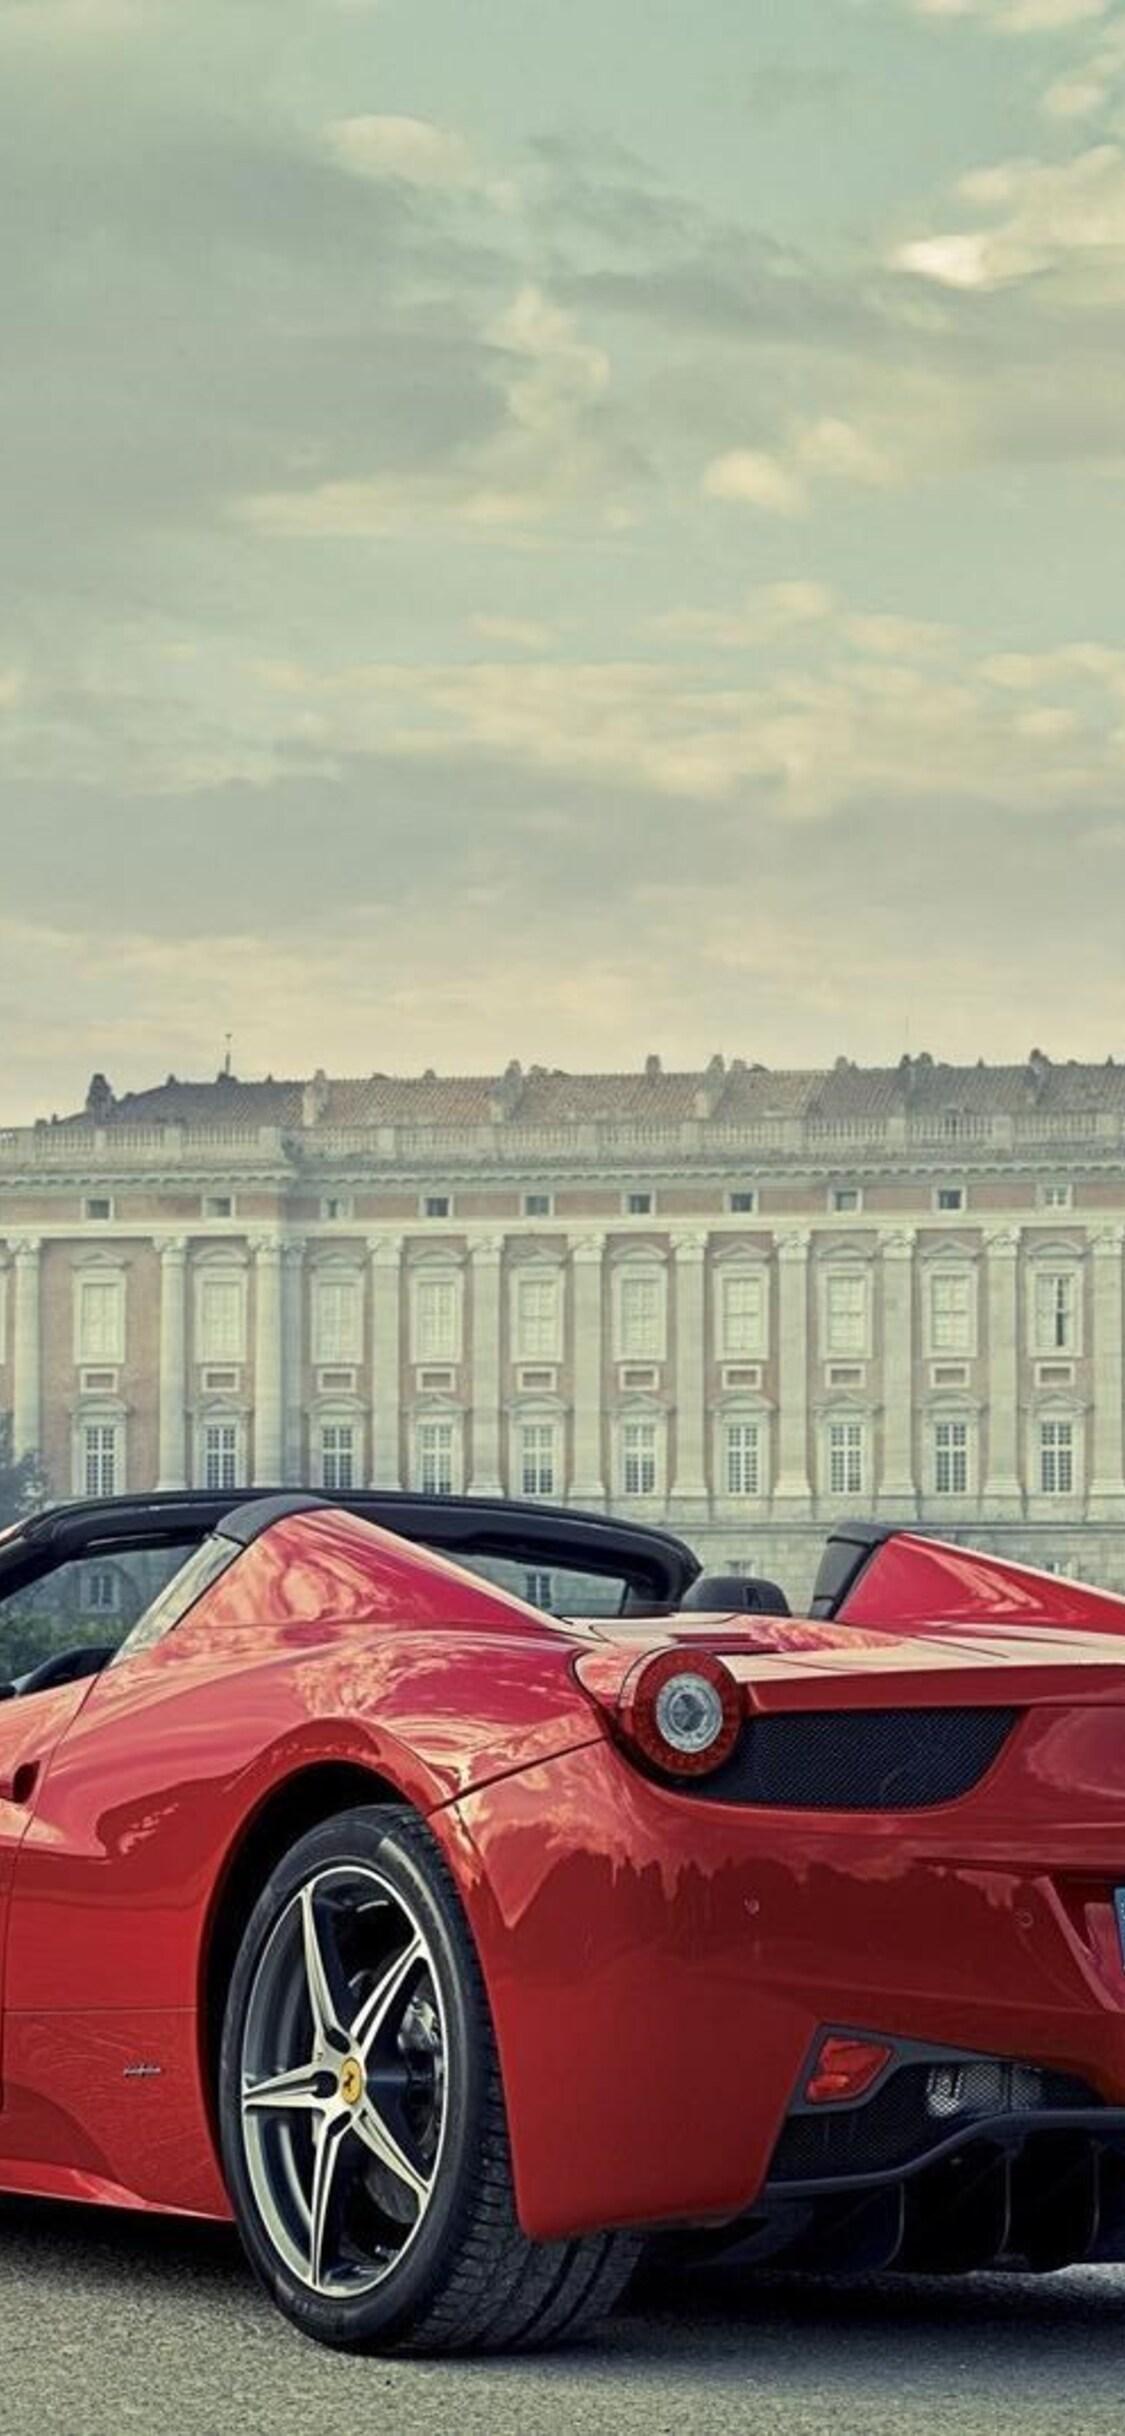 1125x2436 Ferrari 458 Italia Red Iphone Xs Iphone 10 Iphone X Hd 4k